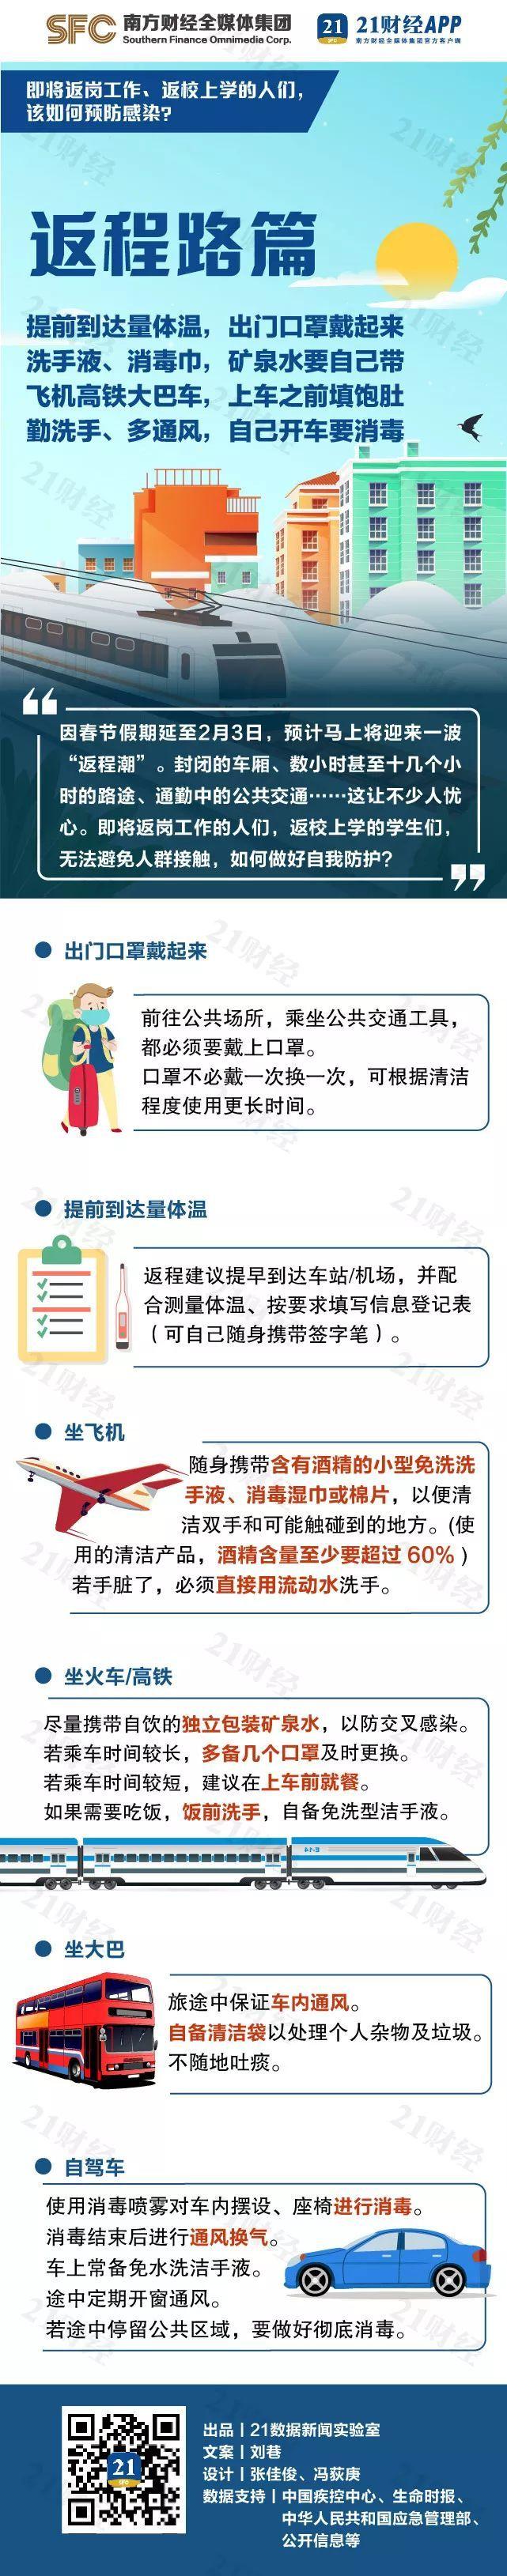 转存!即将返岗工作、返校上学的人们,该如何预防感染?3张图看懂